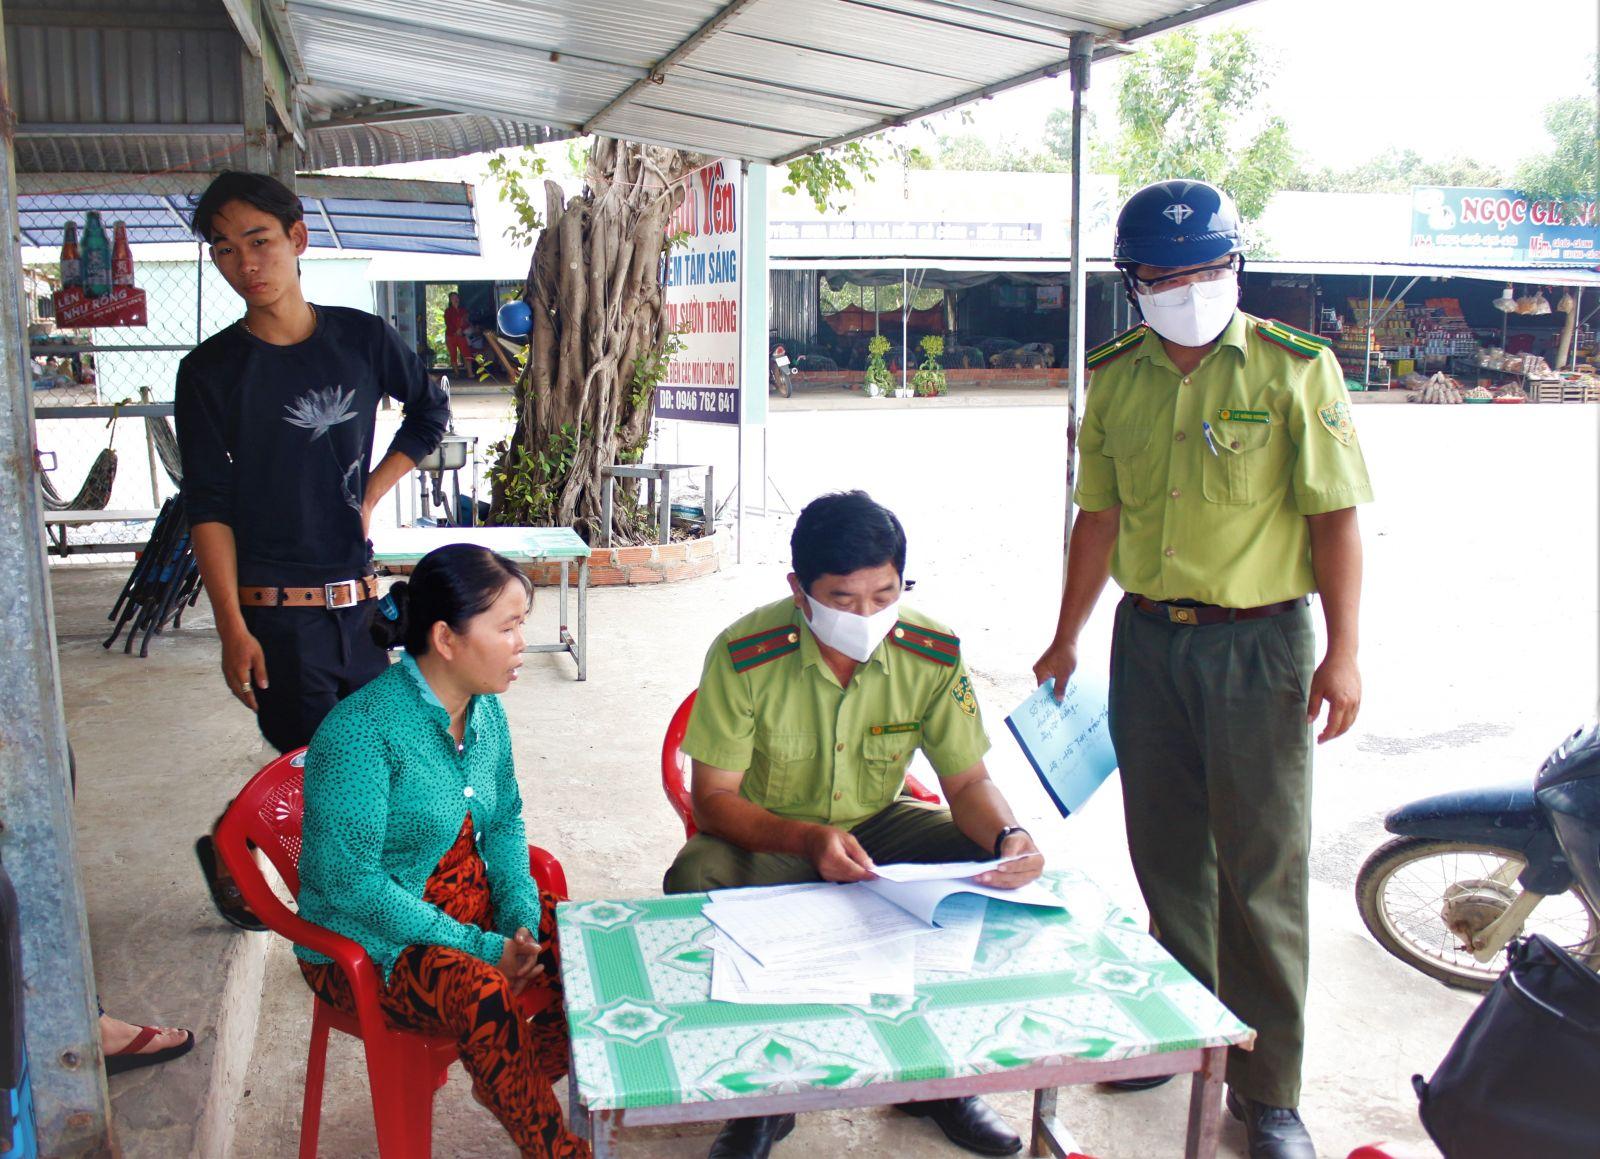 Đội Kiểm lâm cơ động và Phòng cháy, chữa cháy rừng thuộc Chi cục Kiểm lâm tỉnh kiểm tra nguồn gốc, xuất xứ các loại nông sản được bày bán tại chợ nông sản Thạnh Hóa